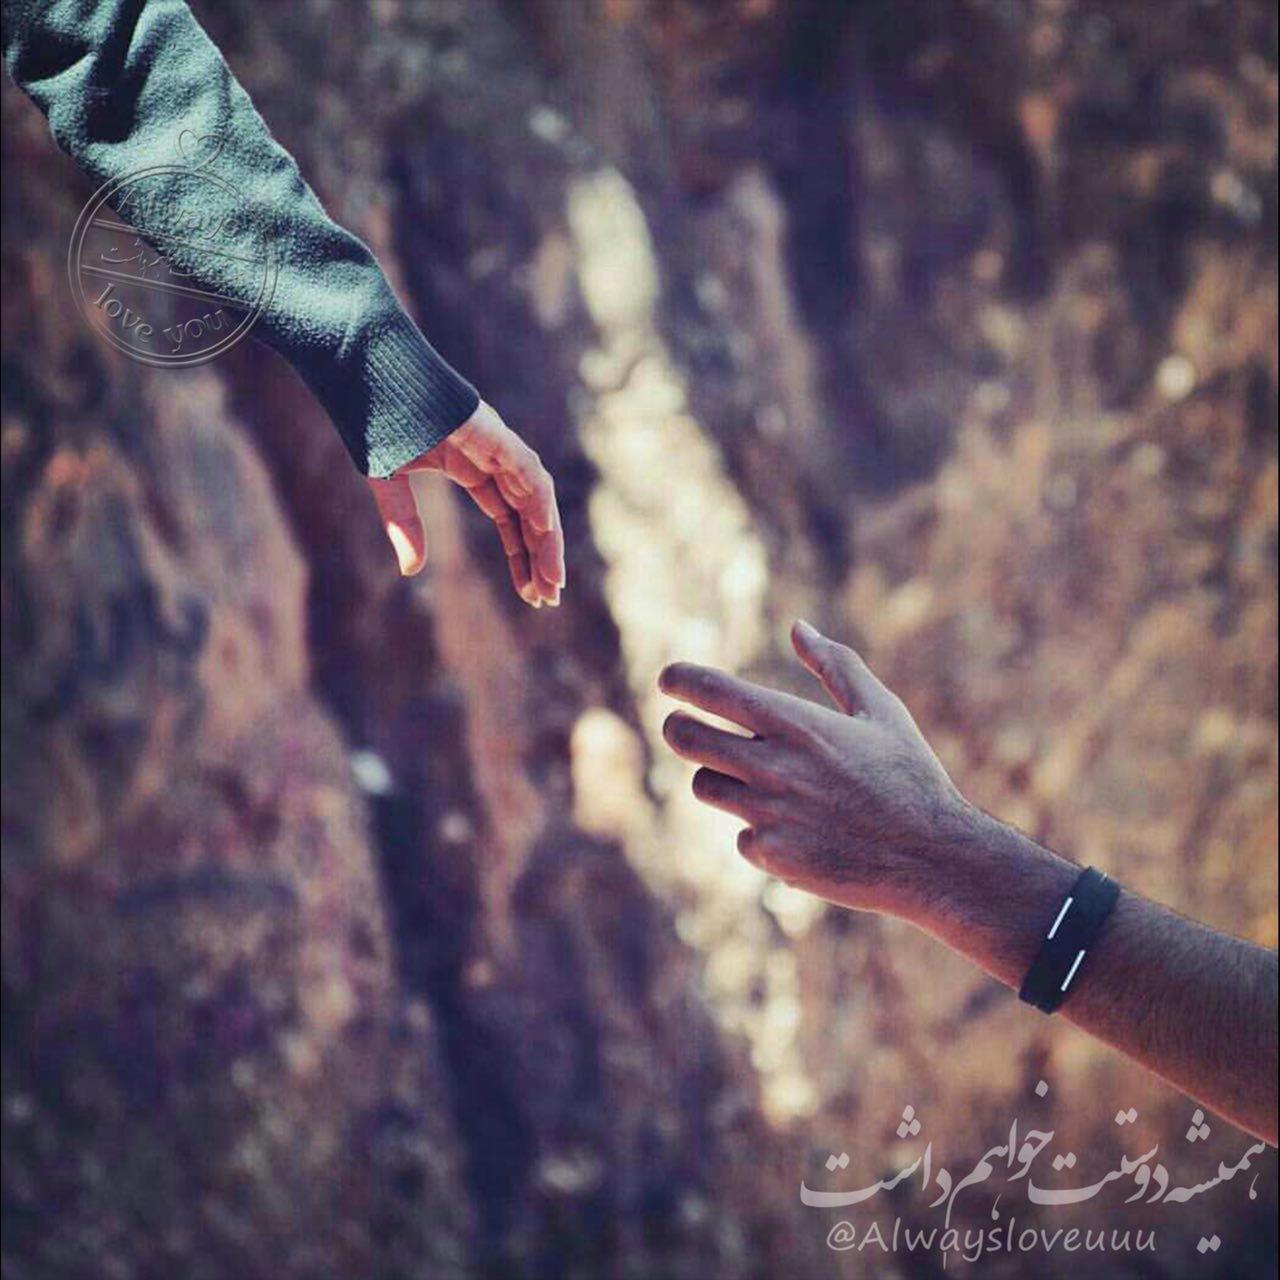 استاتوس های عاشقانه تلگرامی همراه با عکس